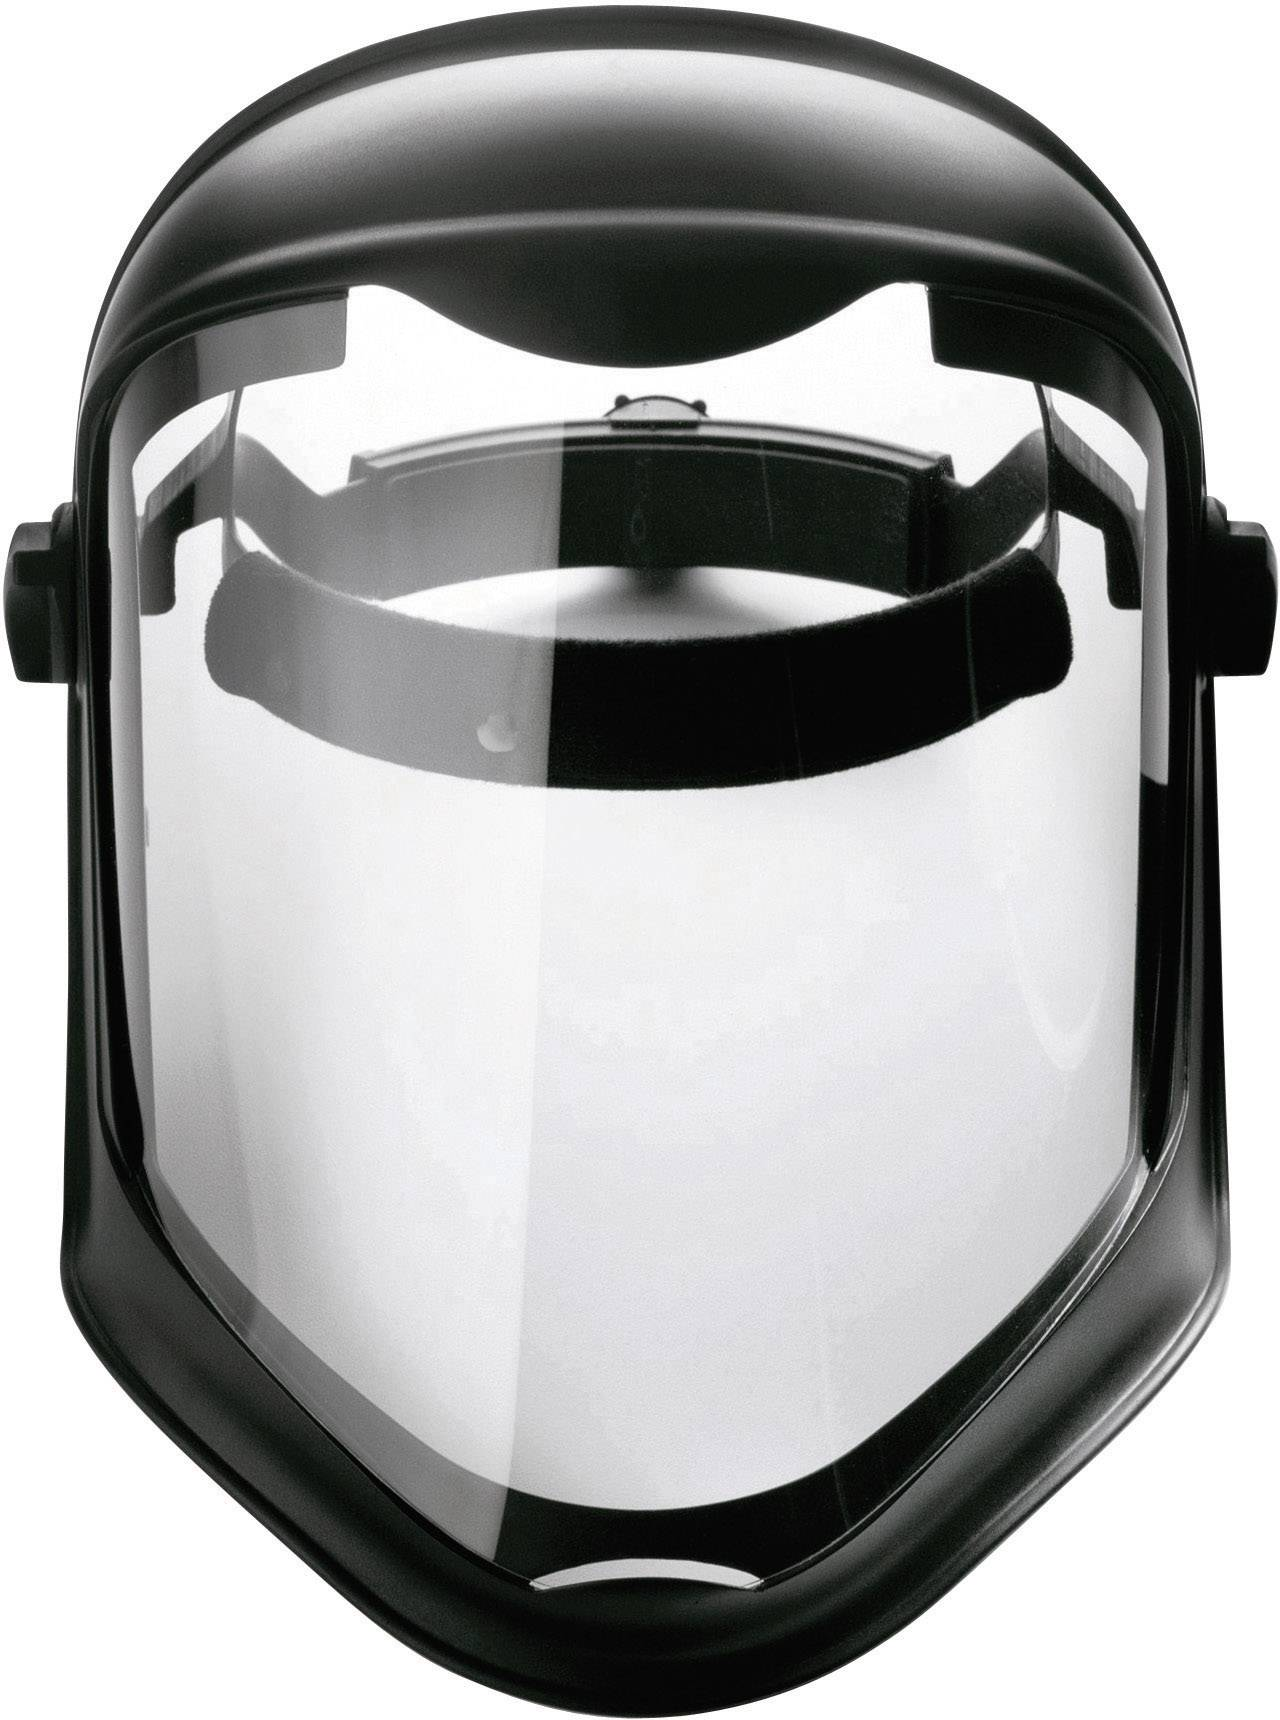 Náhradní hledí pro obličejový štít Pulsafe Bionic, acetát